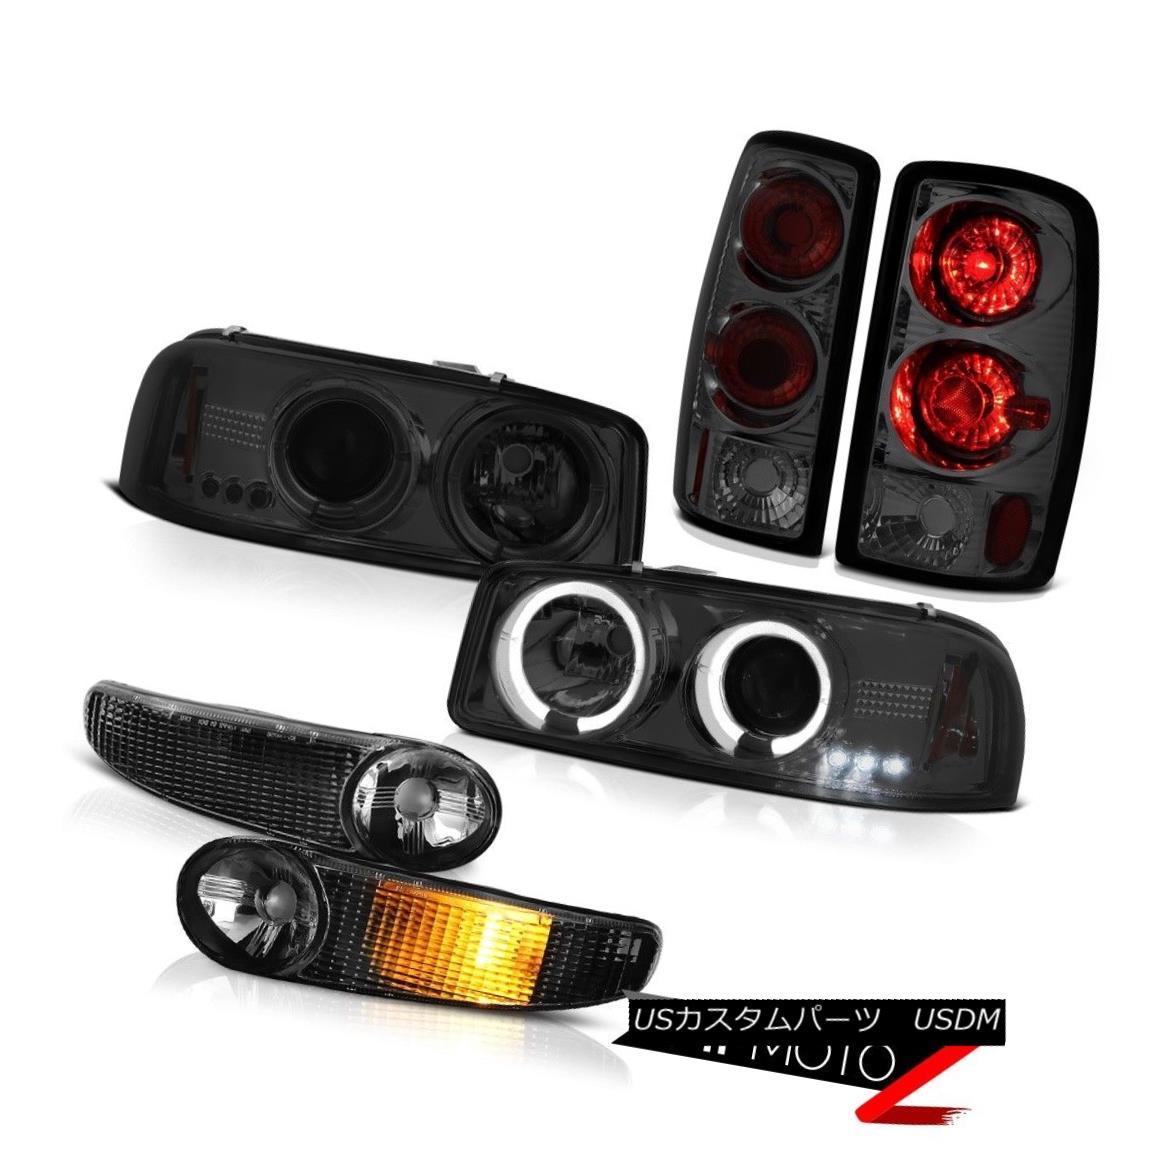 テールライト Halo Headlamp Matte Black Signal Bumper Rear Brake Tail Light 00-06 Yukon Denali ハローヘッドランプマットブラックシグナルバンパーリアブレーキテールライト00-06ユーコンデナリ